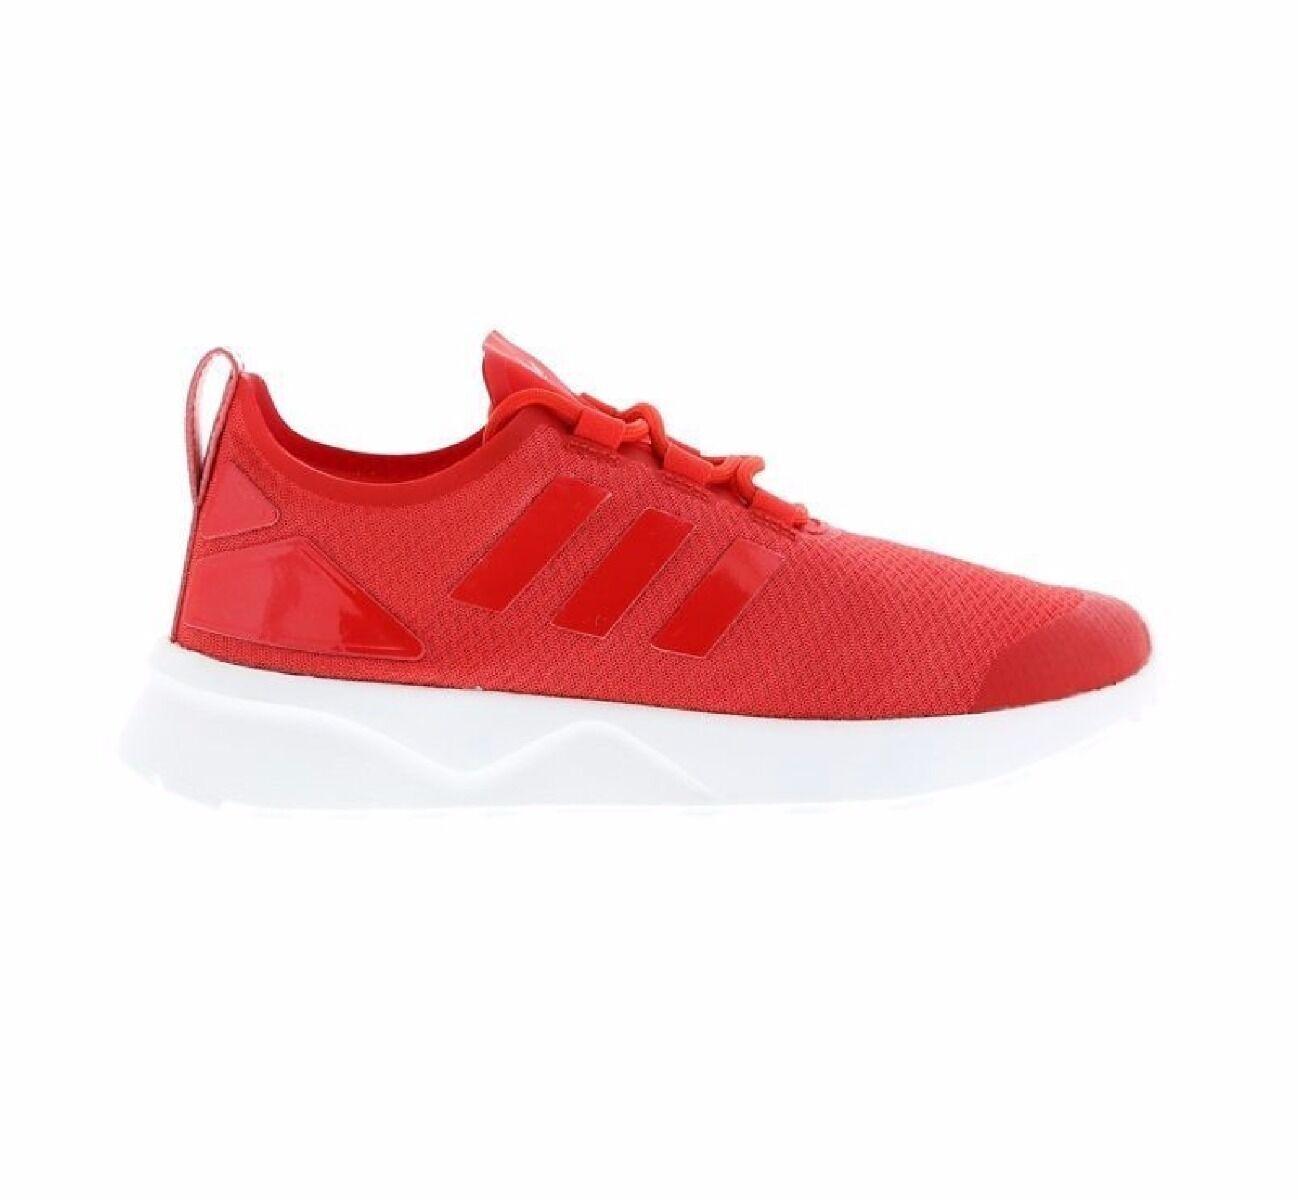 Adidas ZX Flux Größe ADV Verve Damen Laufschuhe Größe Flux 5 6.5 Sportschuhe NEU Run 8b8b6d